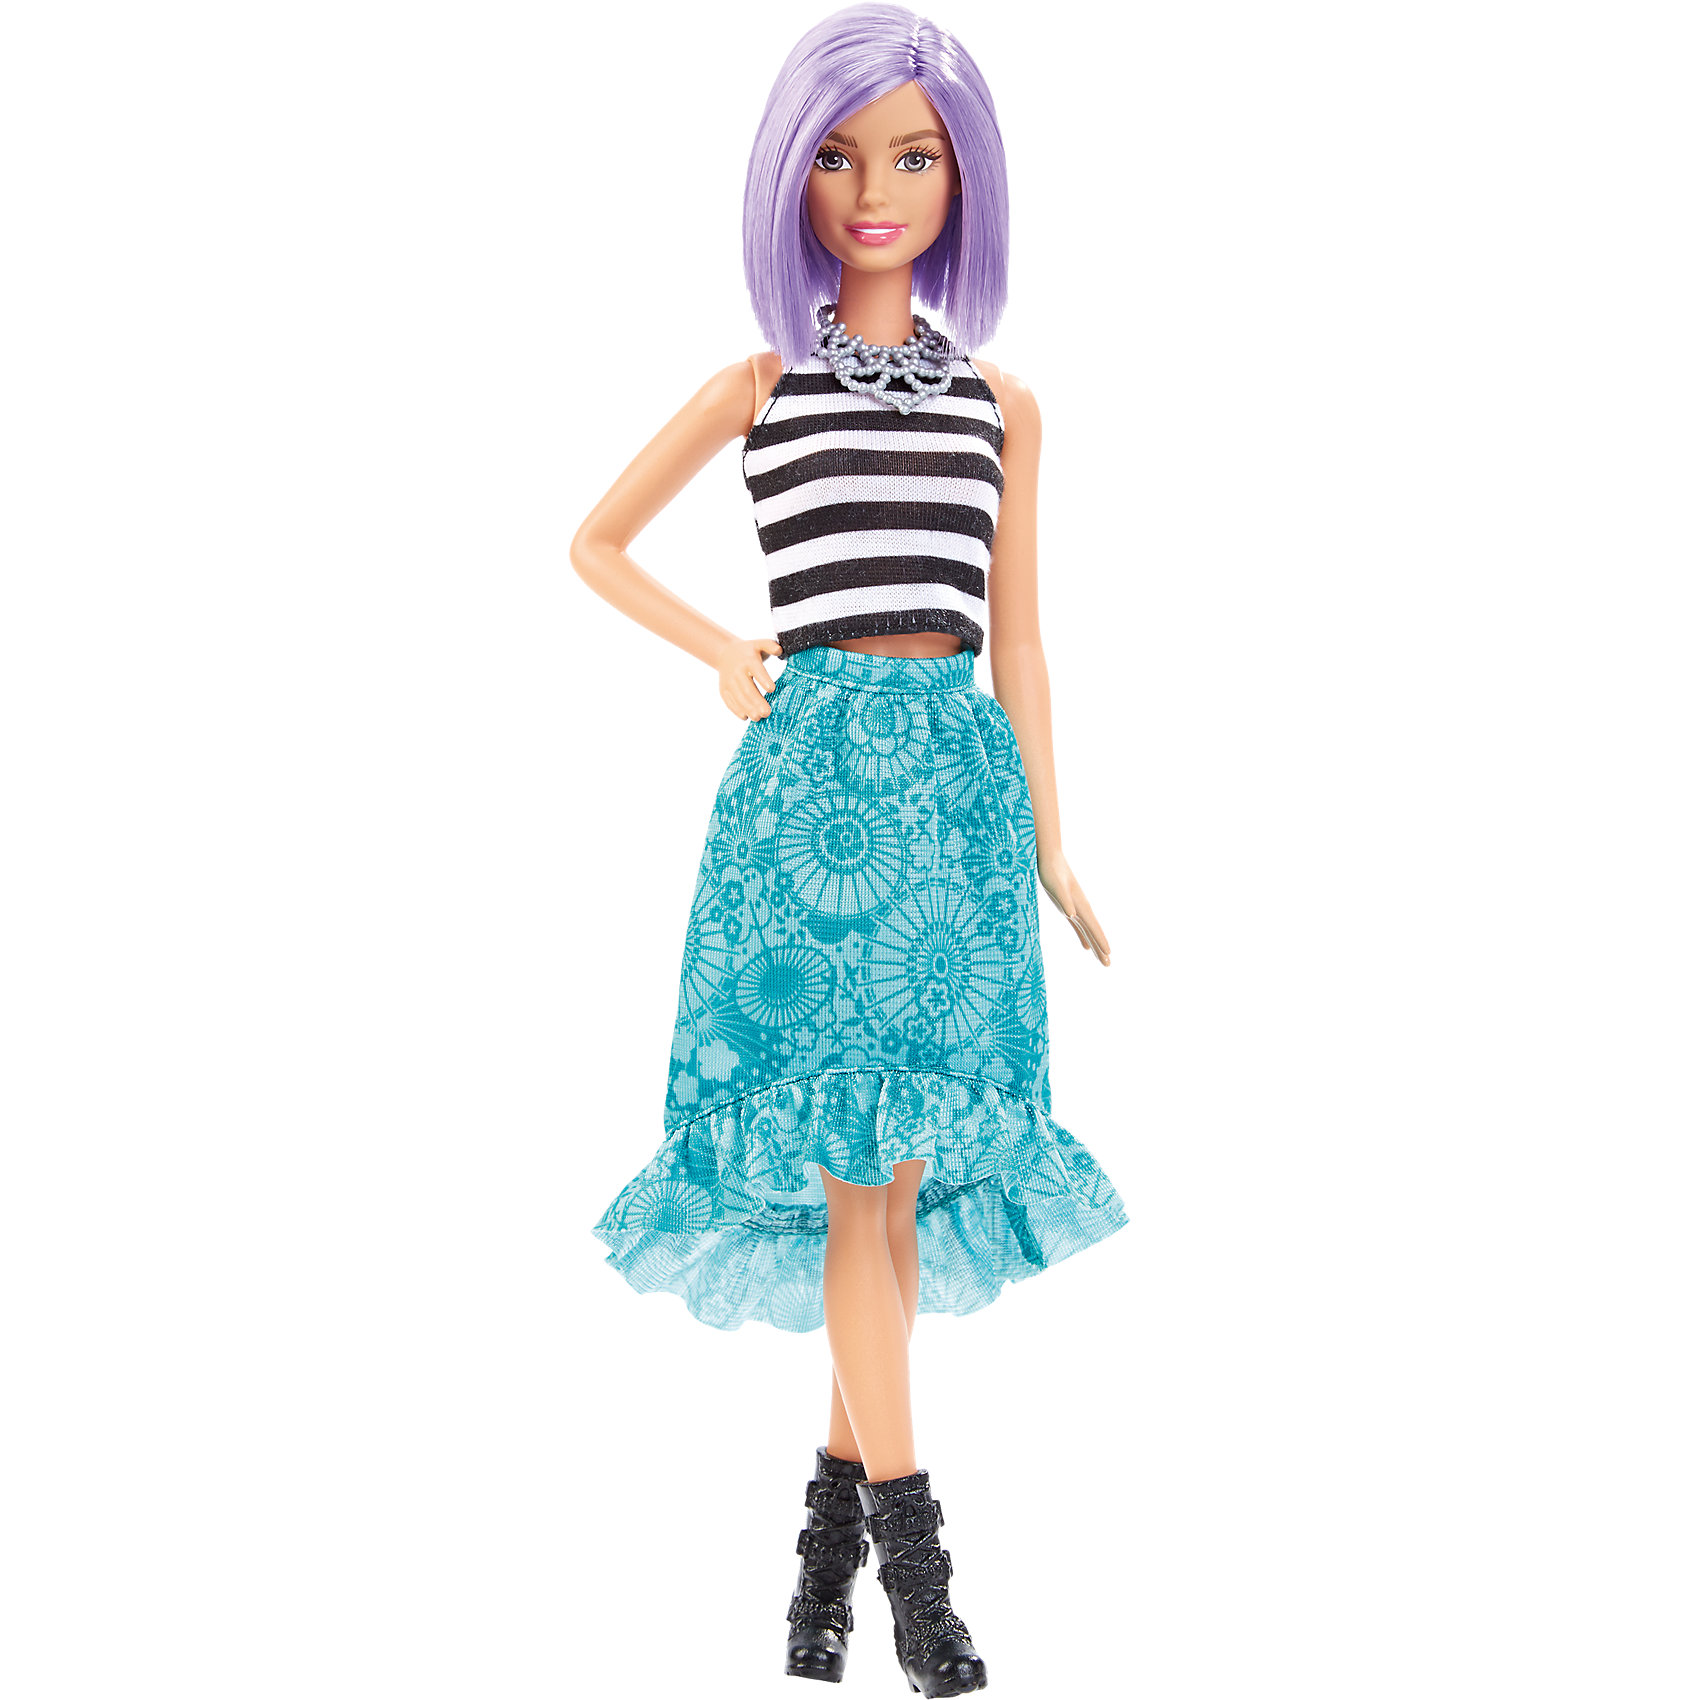 Кукла  Игра с модой, BarbieБренды кукол<br>Кукла Игра с модой, Barbie, порадует всех юных любительниц Барби и станет достойным пополнением их коллекции. Красавица Барби представлена в новом модном образе. У куклы блестящие сиреневые волосы, уложенные в стильную прическу. Их можно расчесывать и заплетать в различные хвостики и косички. Барби одета в черно-белый полосатый топ и голубую юбку с модным принтом и оборочкой. Ее оригинальный наряд эффектно дополняют черные сапожки и серебристое ожерелье. Руки и ноги куклы подвижные. Игрушка оформлена в яркую подарочную коробку.<br><br>Дополнительная информация:<br><br>- Материал: пластик, текстиль.<br>- Высота куклы: 29 см.<br>- Размер упаковки: 33 х 16 х 6 см.<br>- Вес: 0,3 кг.<br><br>Куклу Игра с модой, Barbie, можно купить в нашем интернет-магазине.<br><br>Ширина мм: 331<br>Глубина мм: 126<br>Высота мм: 60<br>Вес г: 181<br>Возраст от месяцев: 36<br>Возраст до месяцев: 72<br>Пол: Женский<br>Возраст: Детский<br>SKU: 4349894